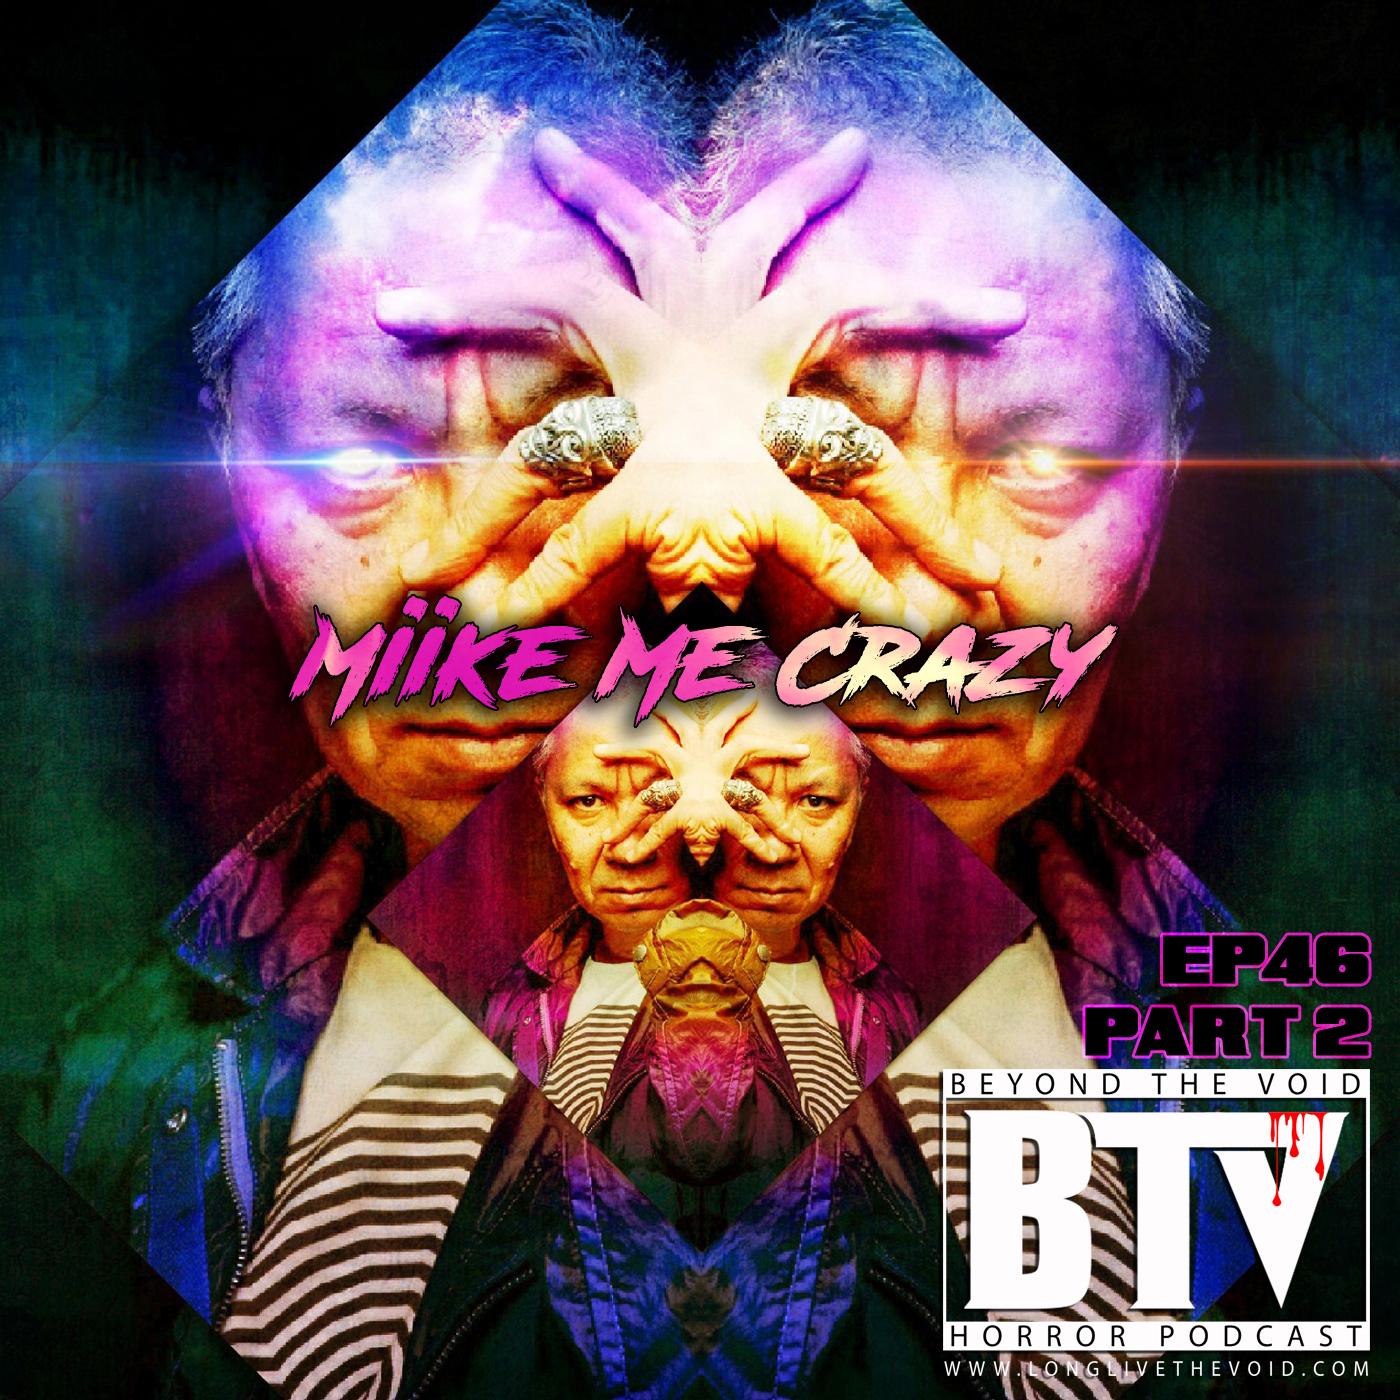 miikemecrazyBTVcast